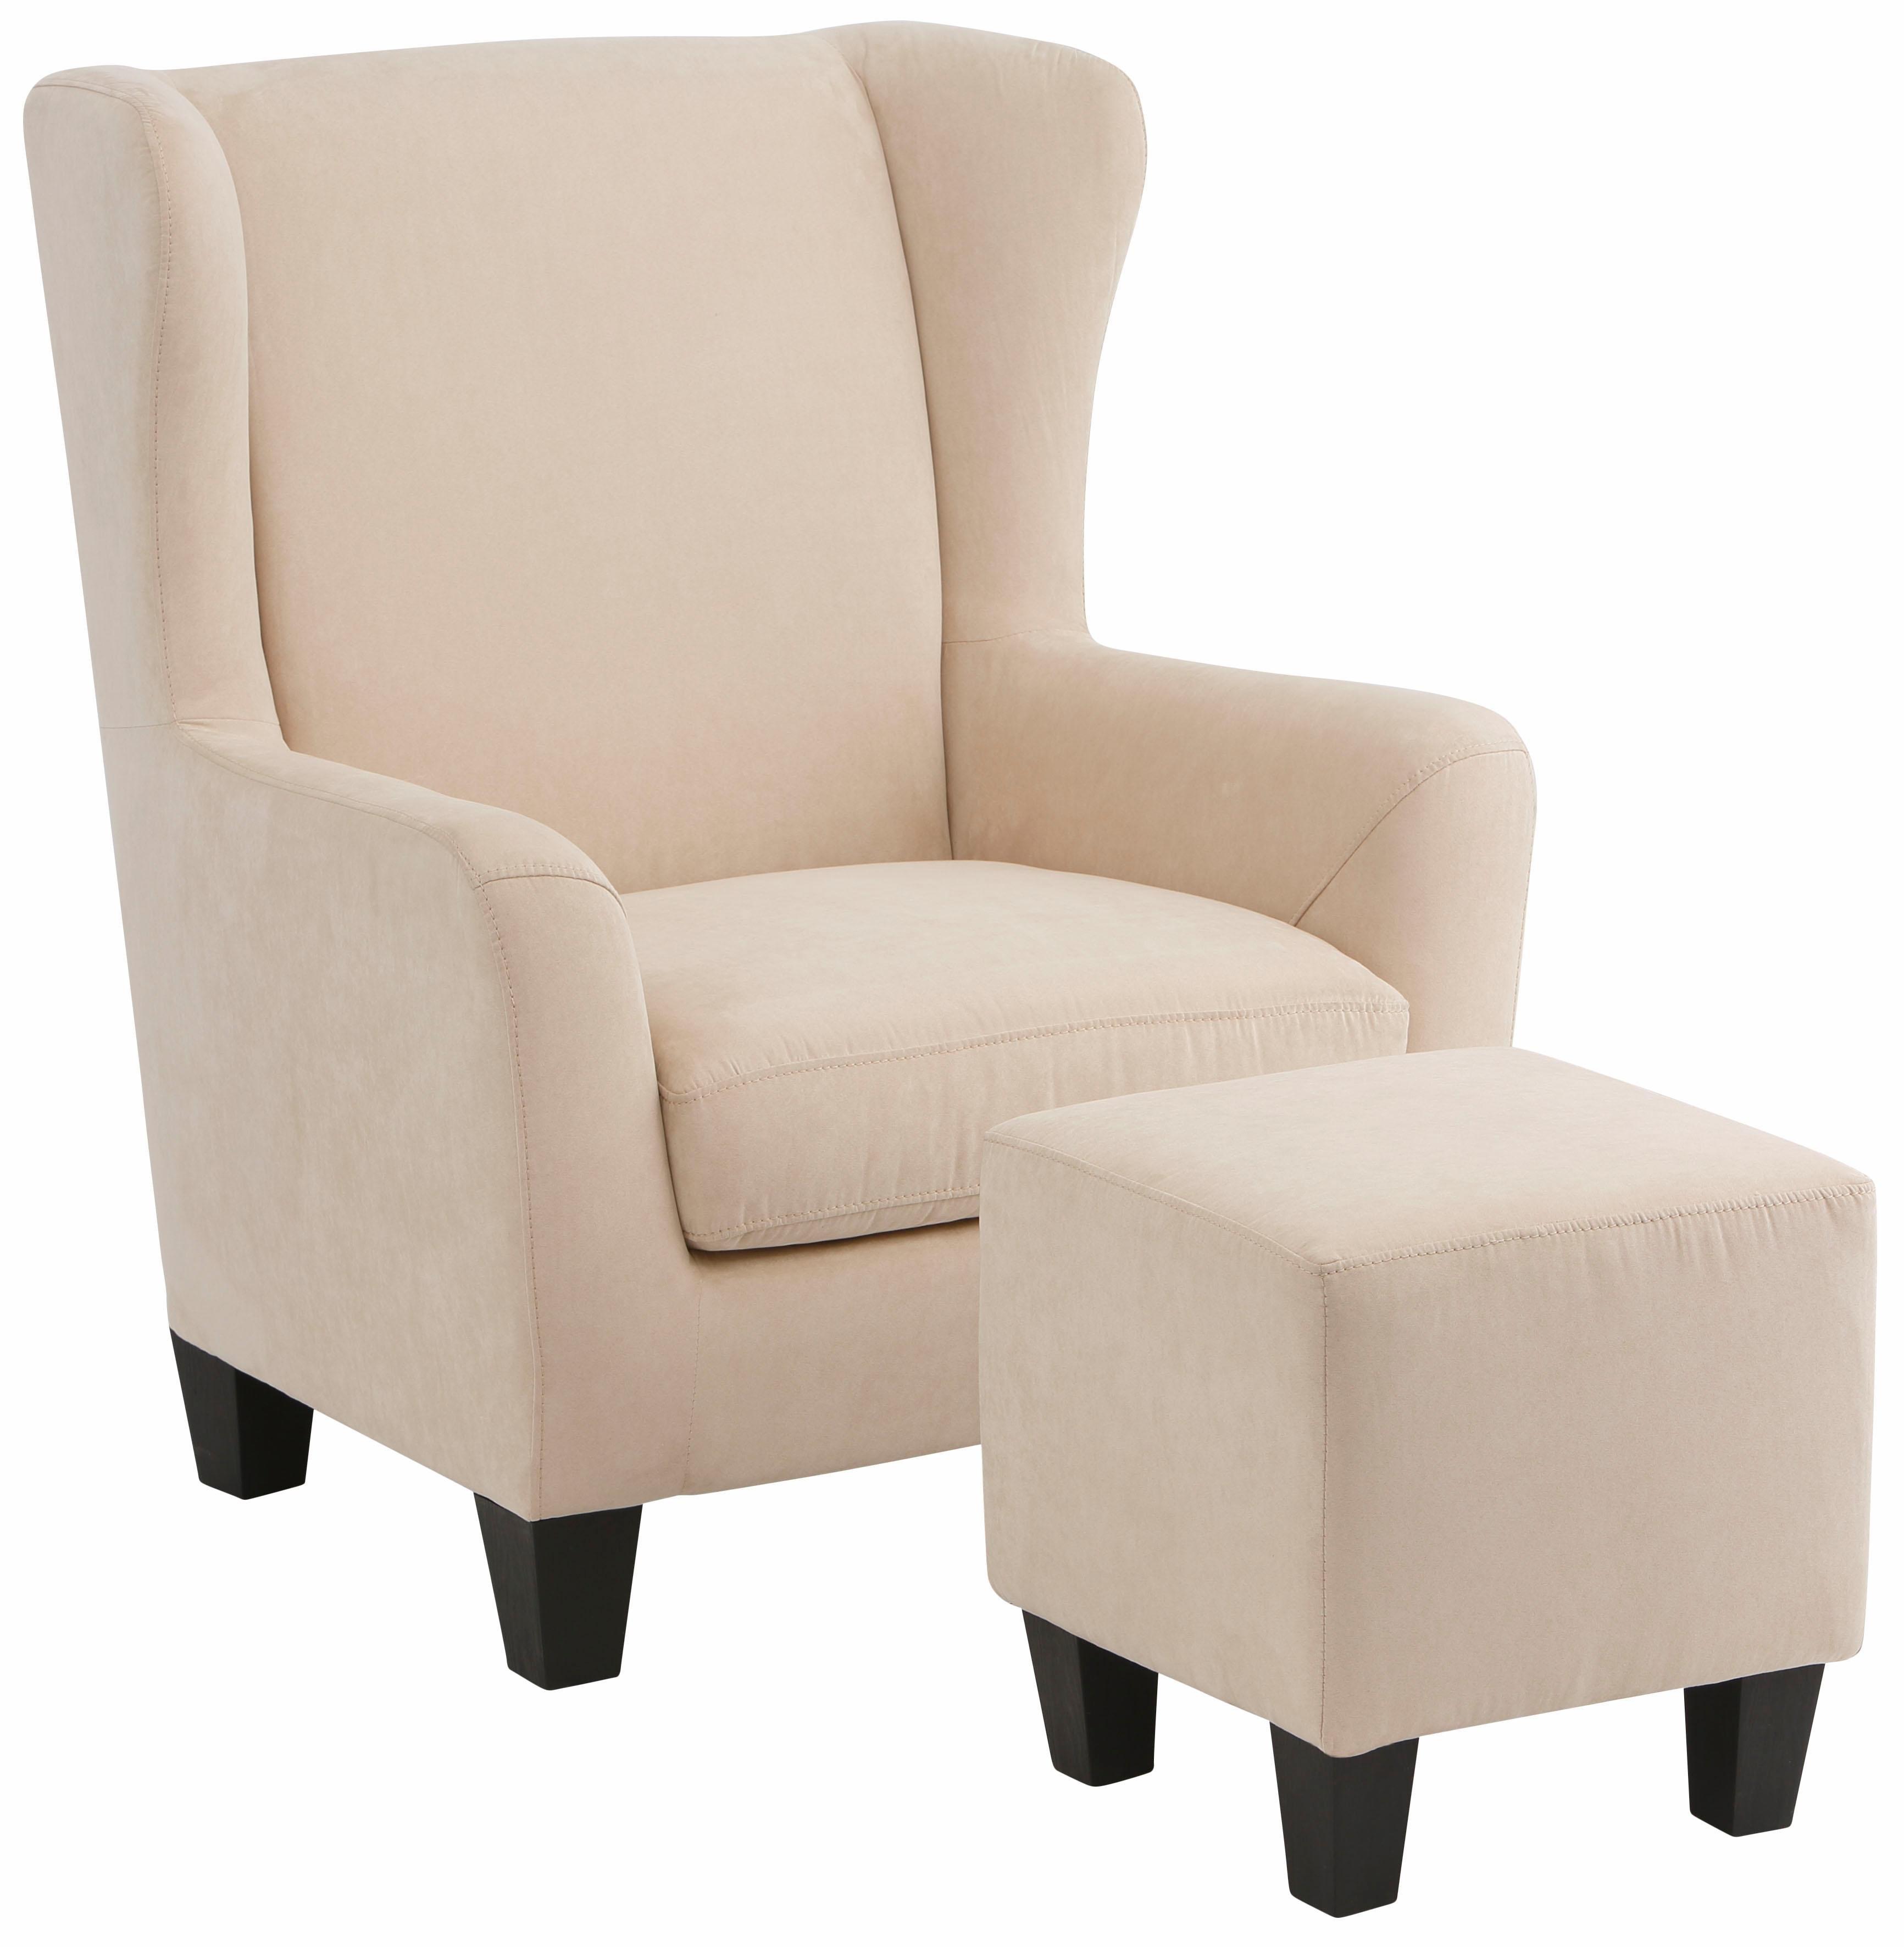 Home affaire fauteuil Chilly met prettig binnenveringsinterieur, in drie verschillende stofkwaliteiten te bestellen, zithoogte 44 cm (set, 2 stuks) in de webshop van OTTO kopen